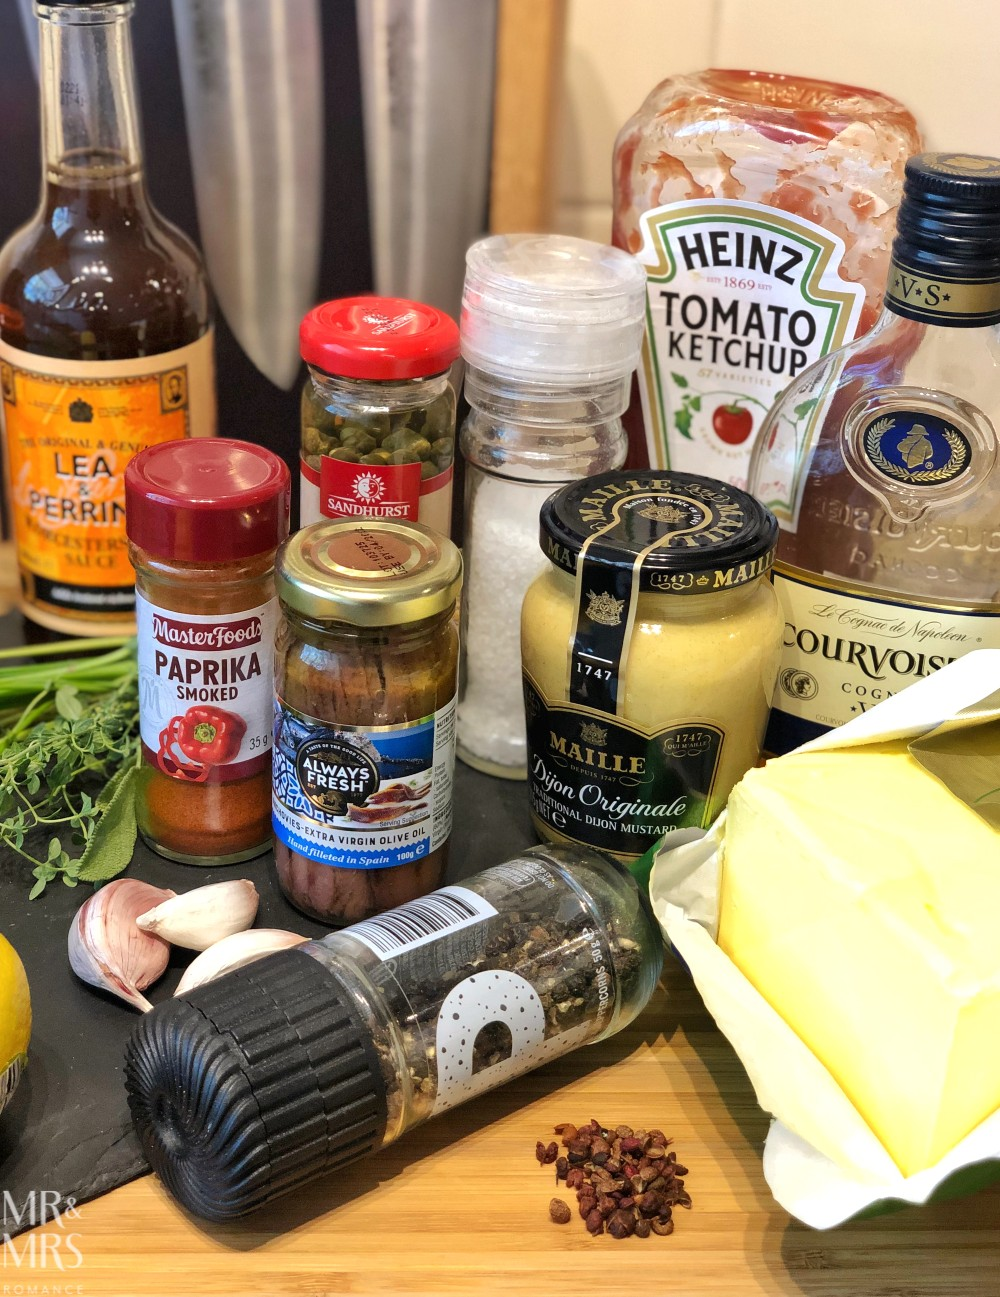 Cafe de paris butter recipe - ingredients